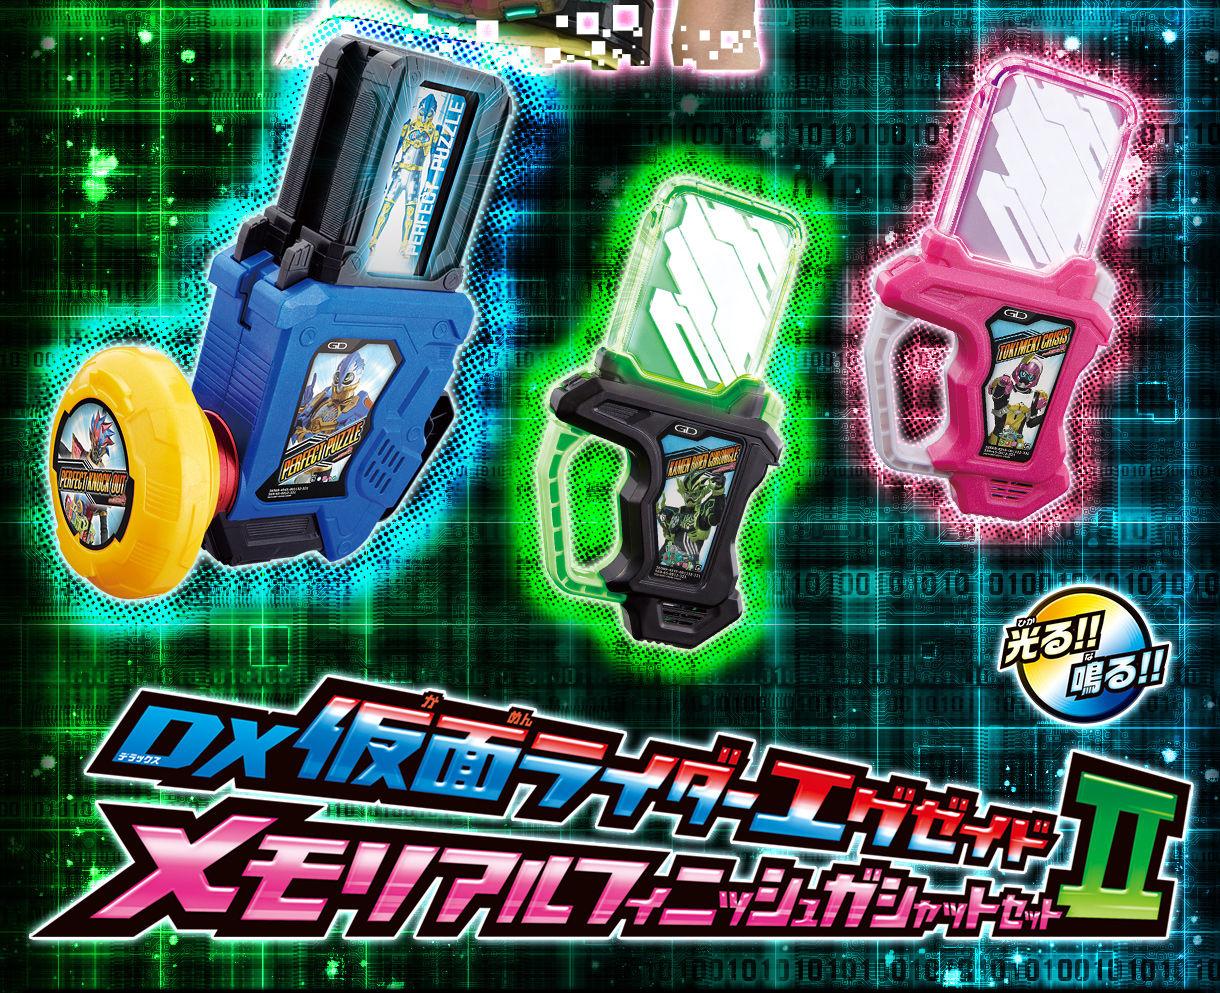 光る!!鳴る!!DX仮面ライダーエグゼイドメモリアルフィニッシュガシャットセット�U